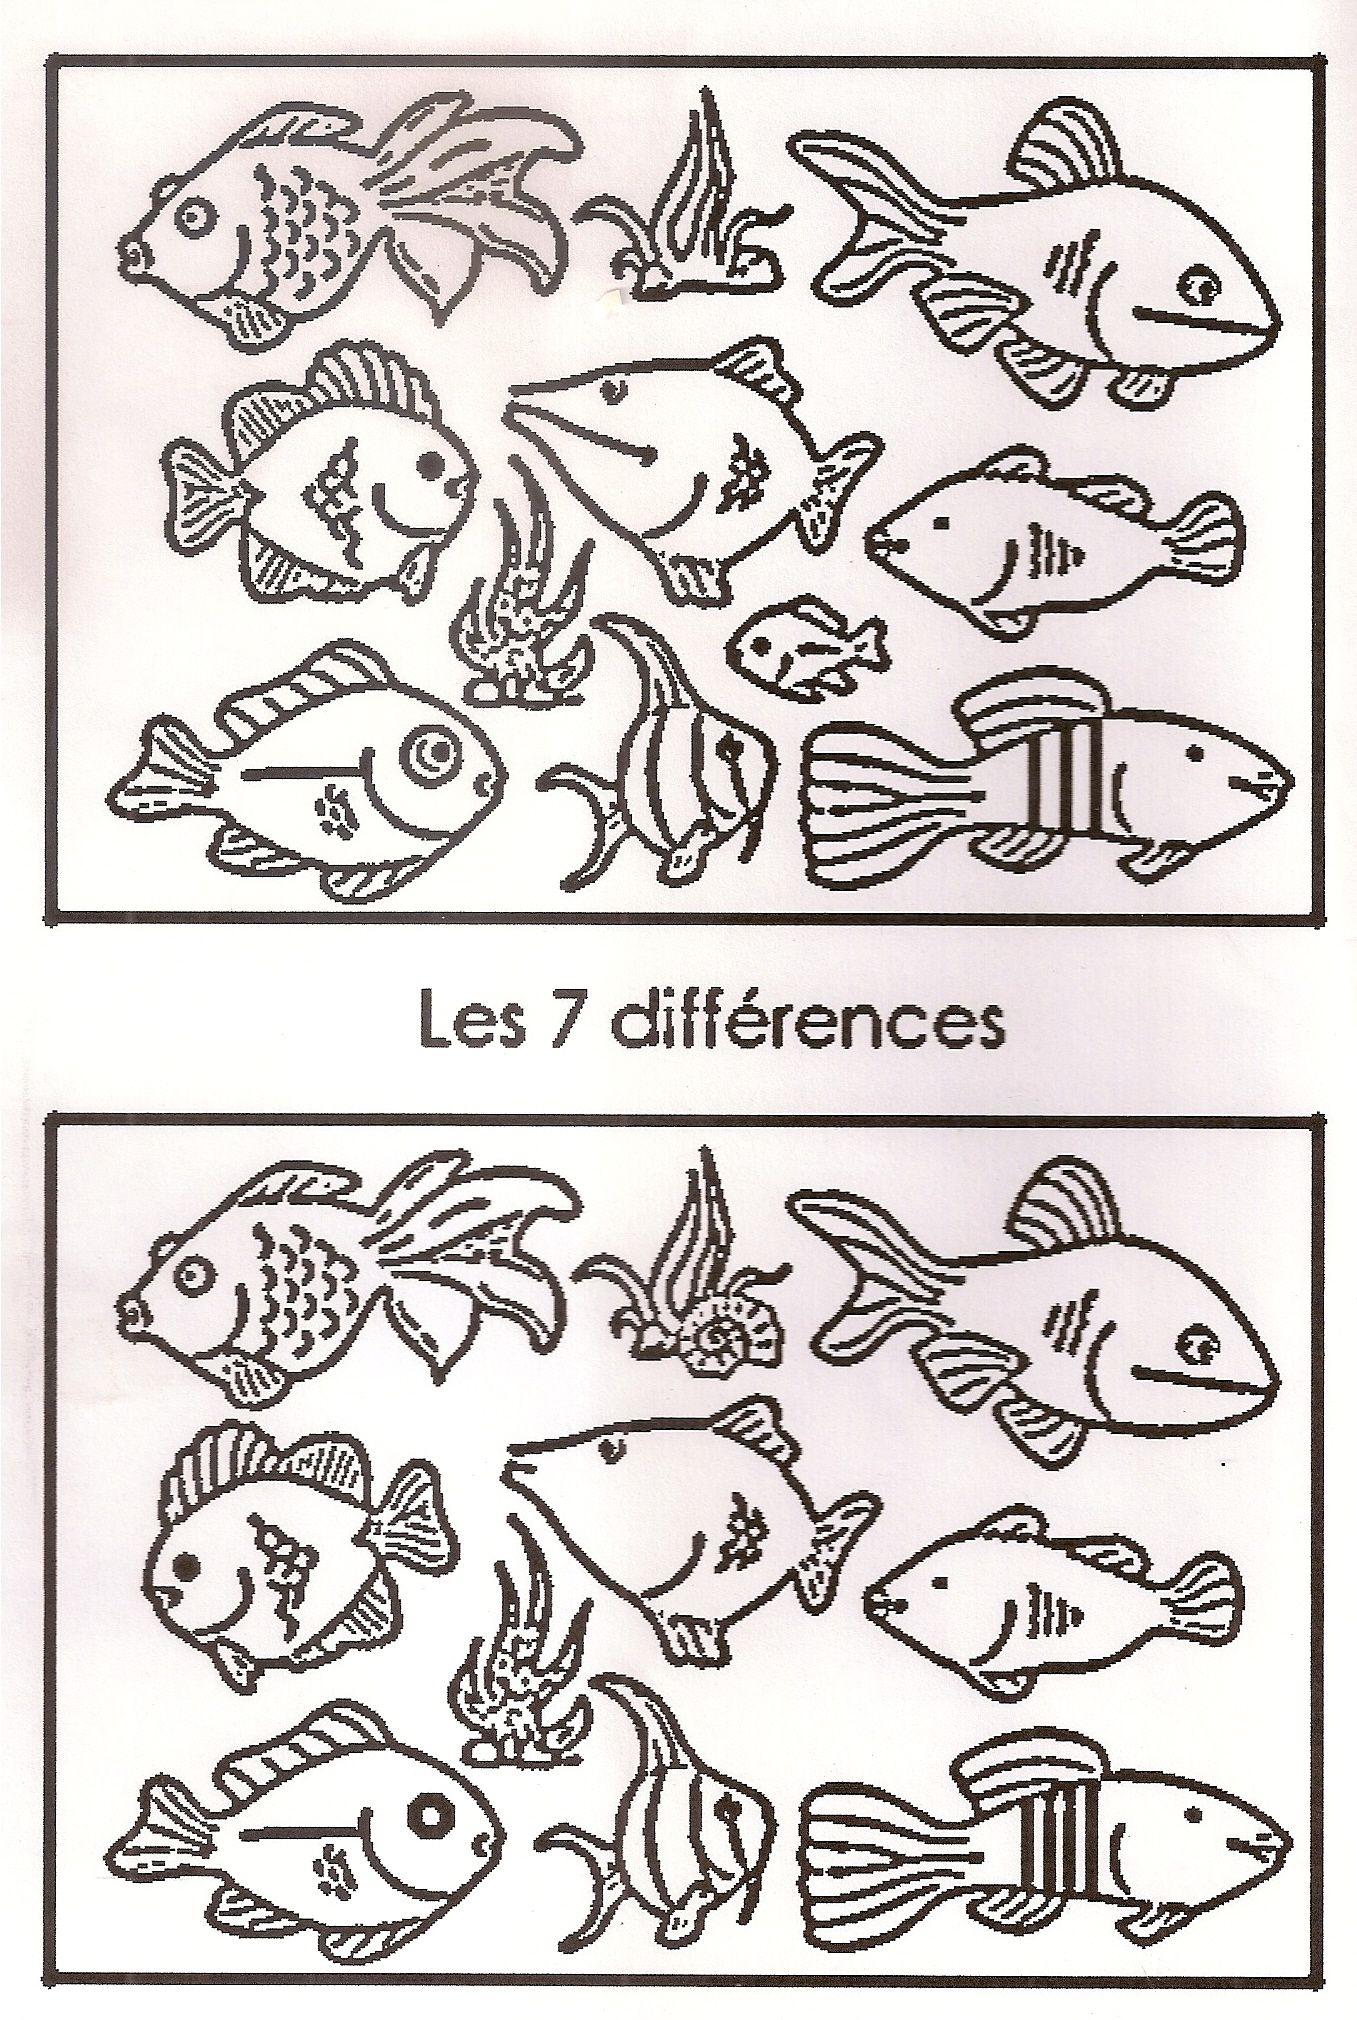 Jeu Des 7 Differences